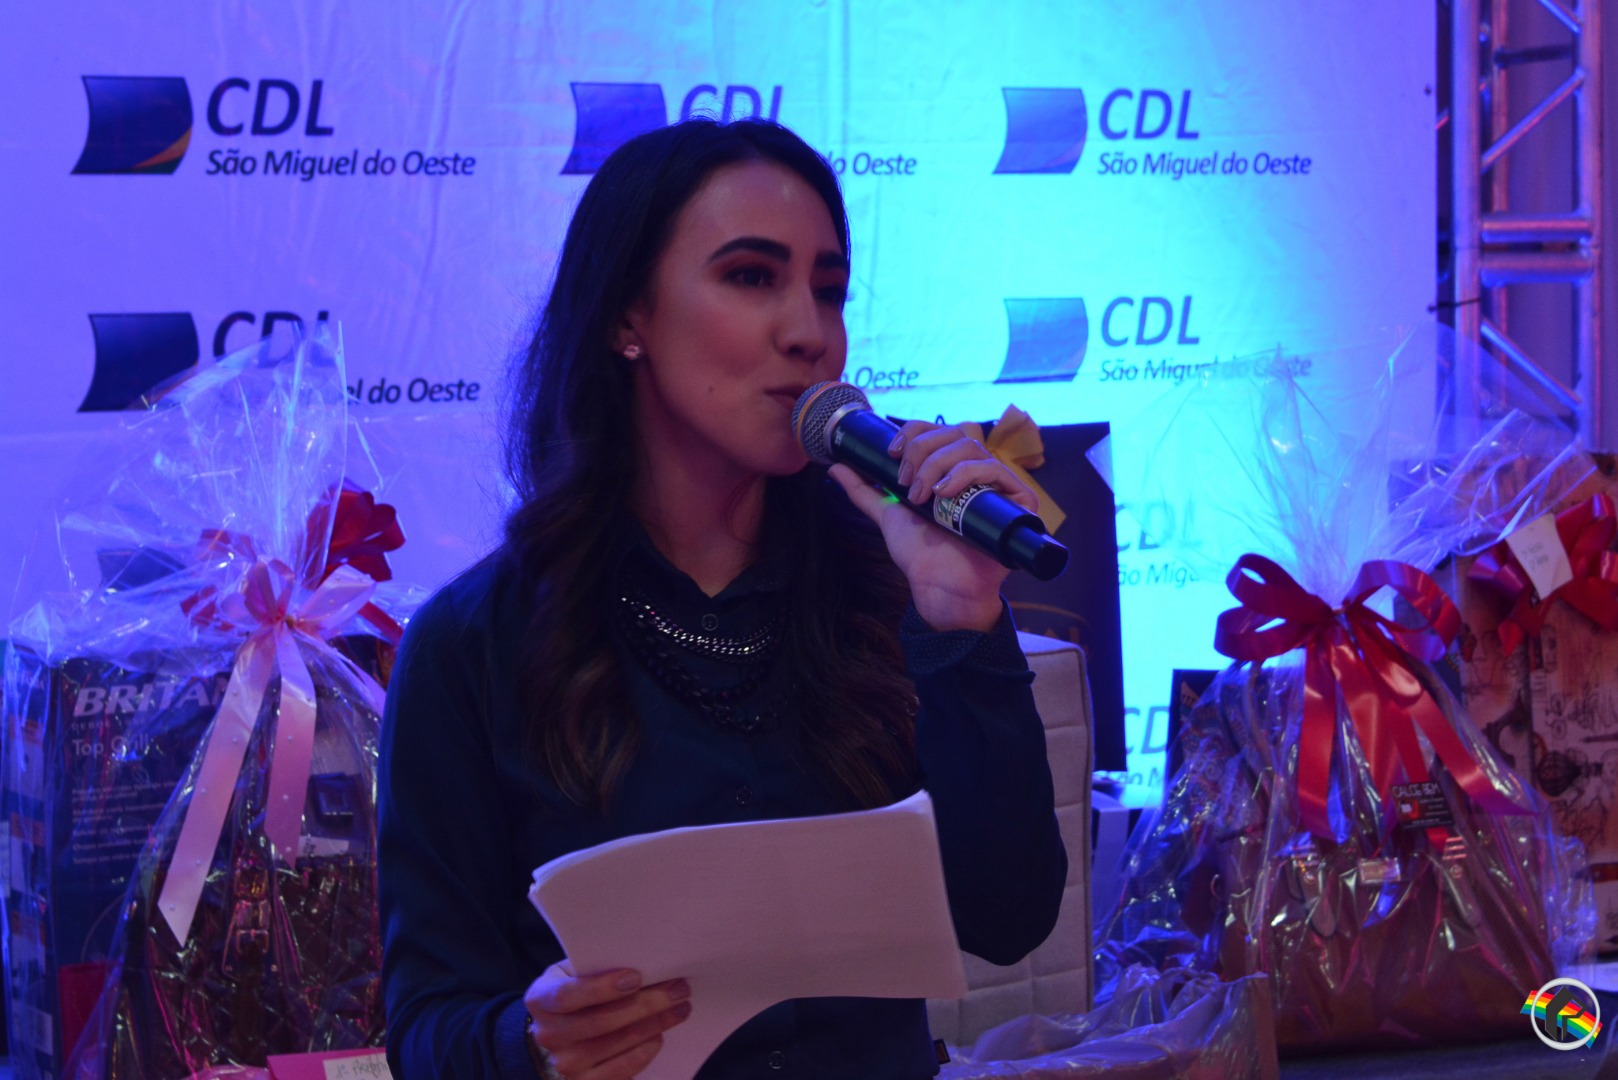 VÍDEO: CDL São Miguel do Oeste realiza Encontro de Damas